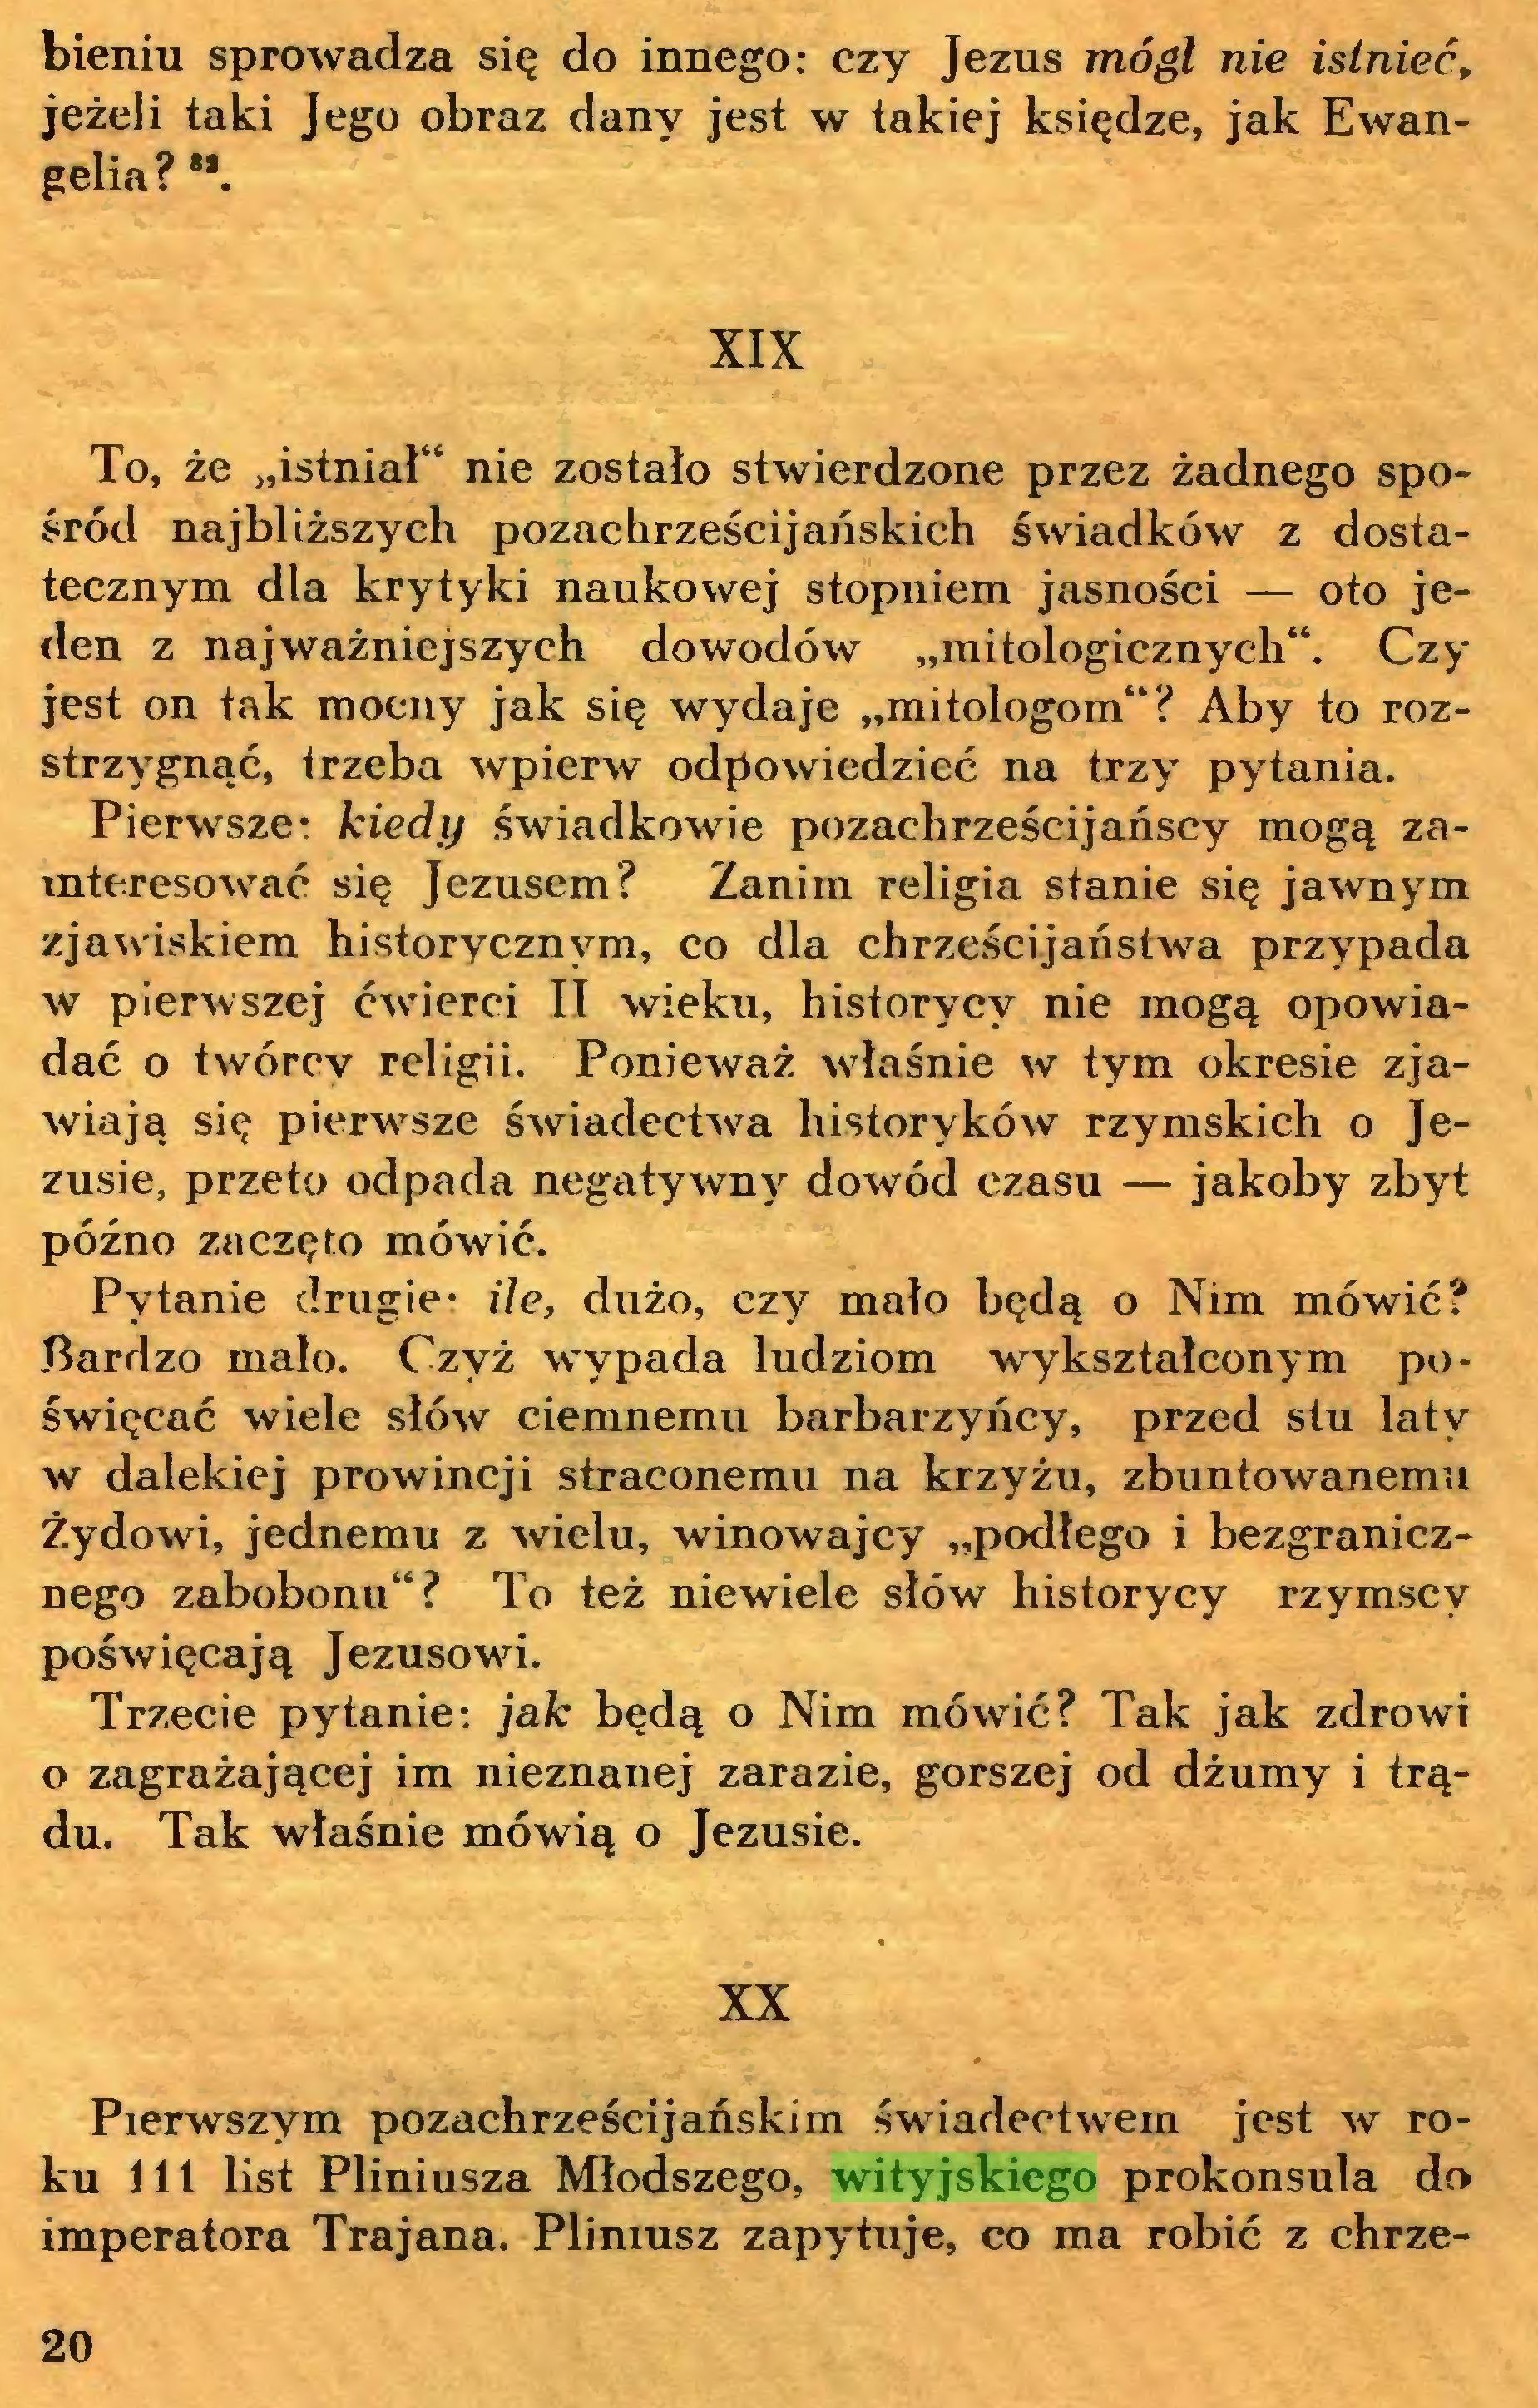 (...) XX Pierwszym pozachrześcijańskim świadectwem jest w roku 111 list Pliniusza Młodszego, wityjskiego prokonsula do imperatora Trajana. Pliniusz zapytuje, co ma robić z chrze20 ścijanami? W caiym okręgu, nie tylko w wielkich miastach,...